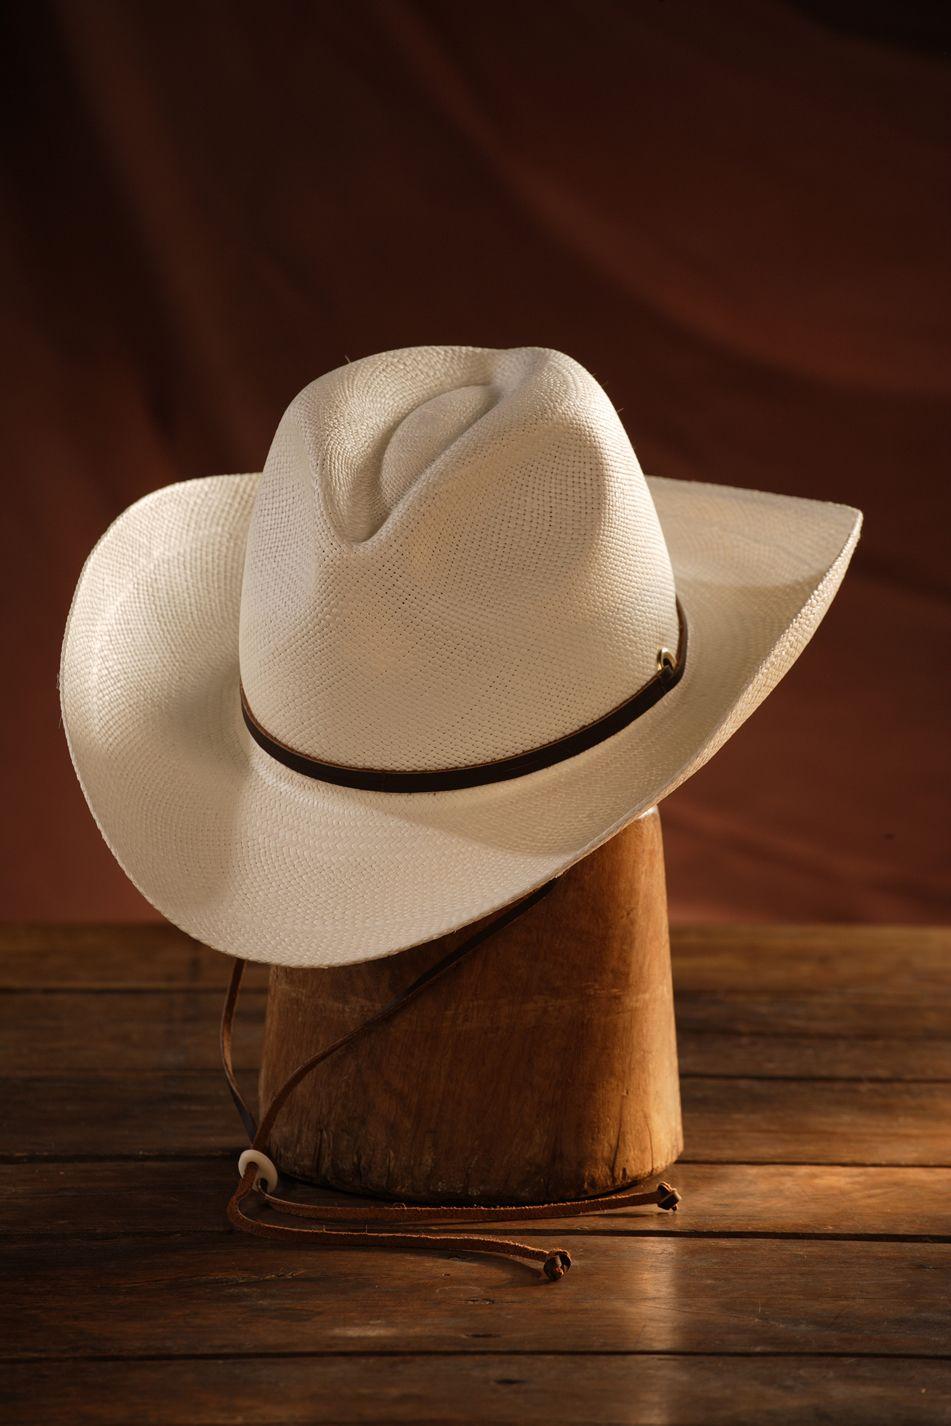 Este hermoso Panamá Fedora Sedona ación, con su ala 8.5cm, es ideal para esas tardes taurinas, un bello ejemplar para lucir en la playa o simplemente para caminar en días de sol.    Cintillo y correa de cuero, si te gusta montar a caballo o simplemente cubrirte del sol, este es un sombrero que debes tener.